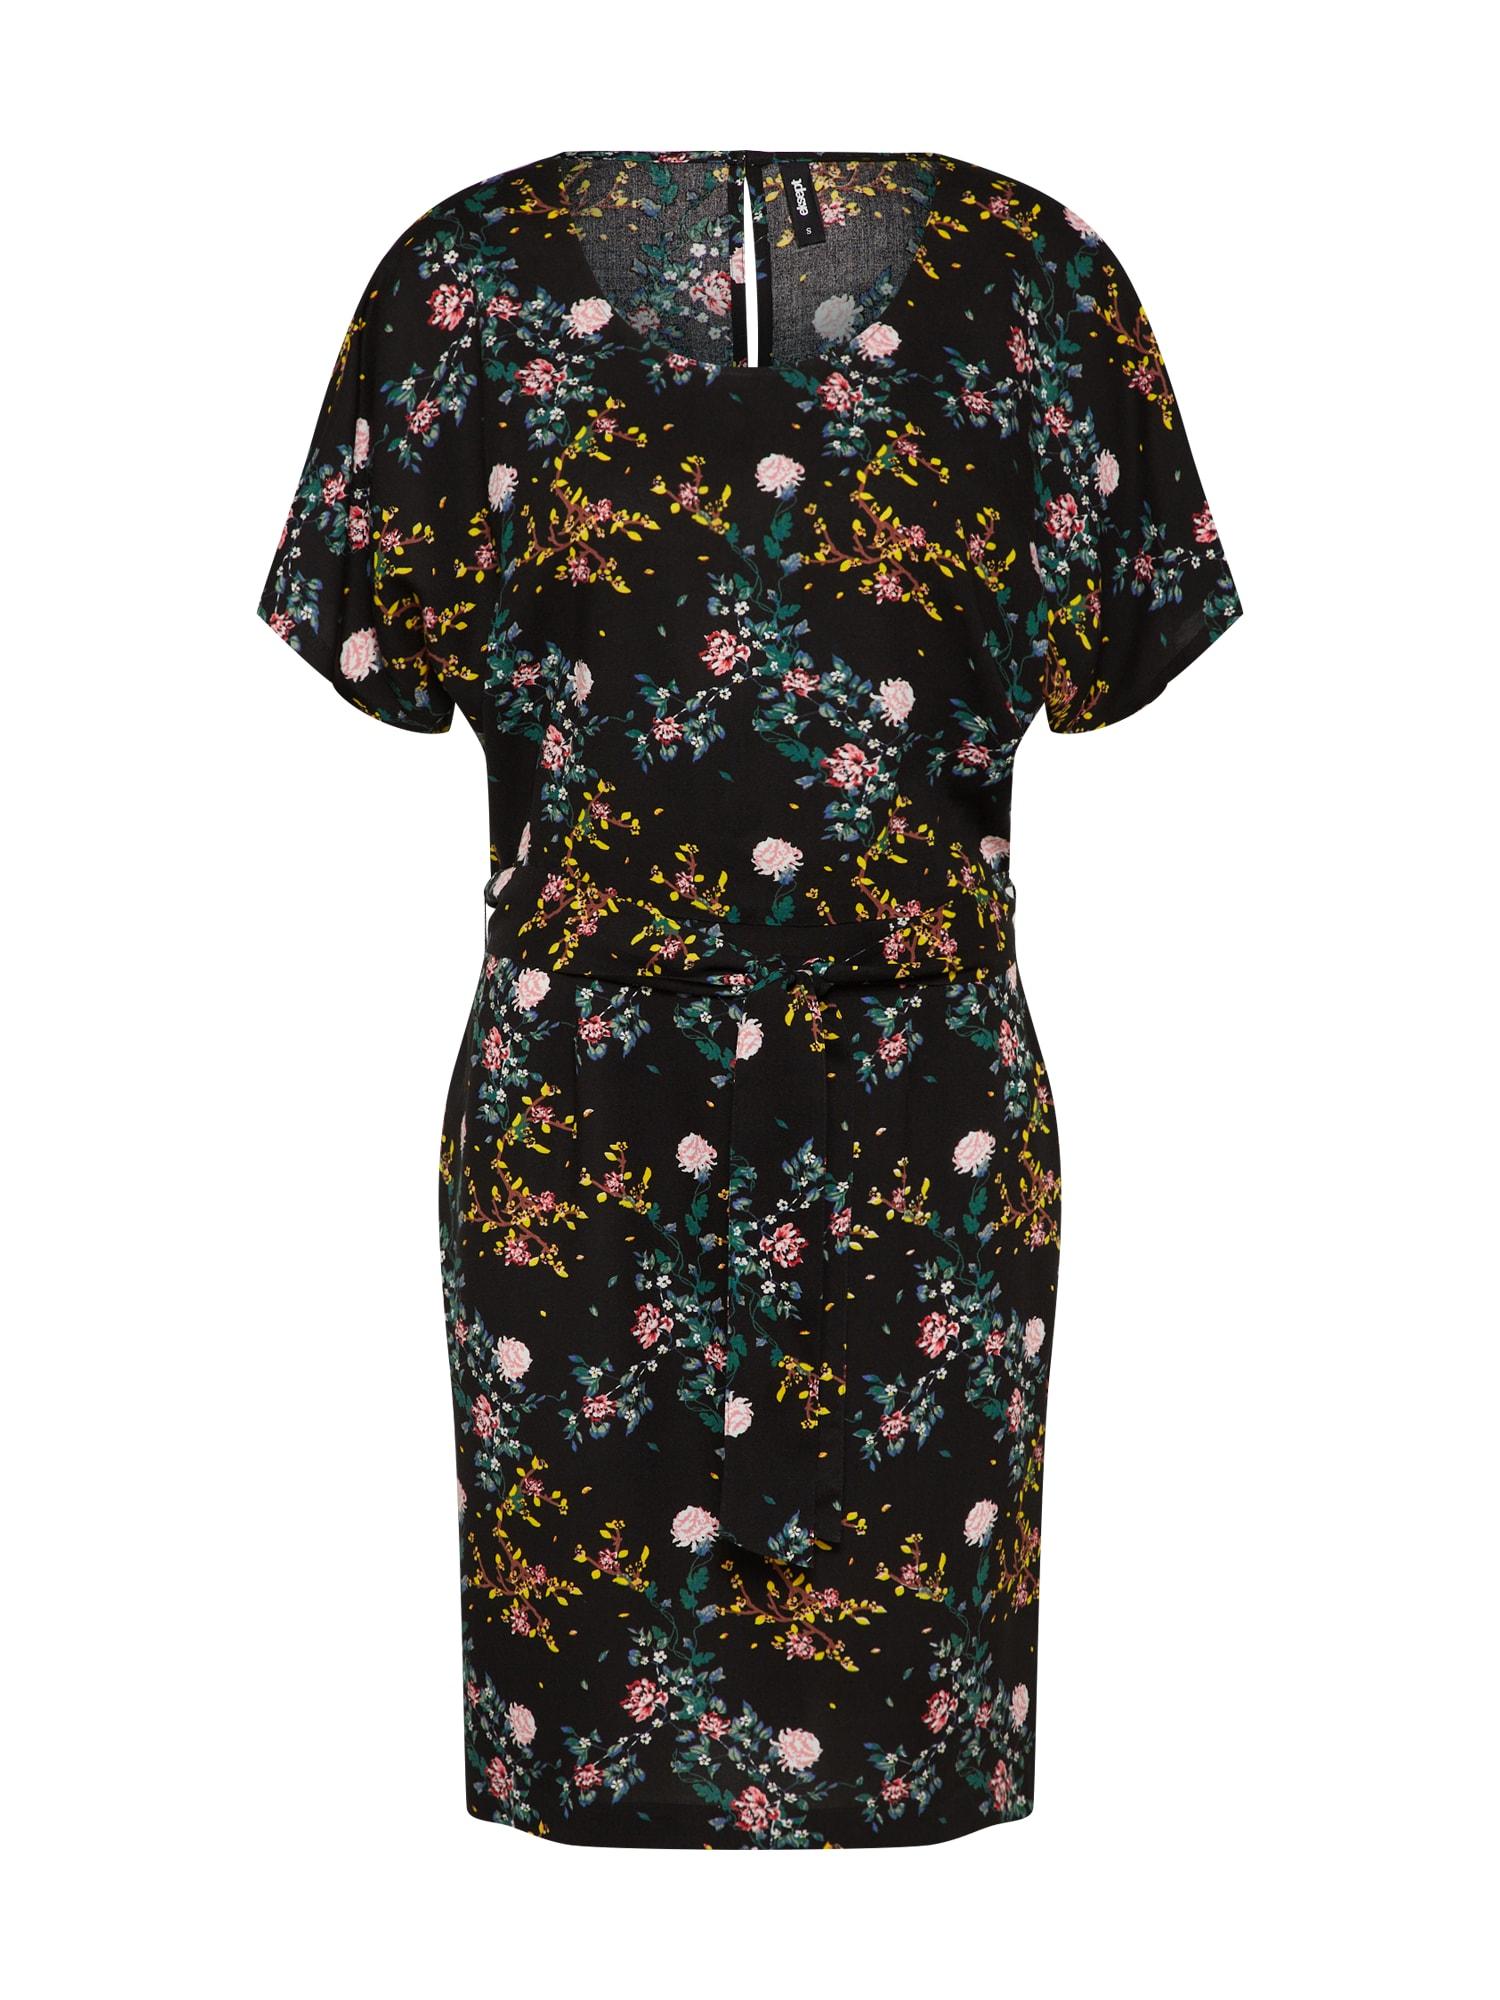 Letní šaty BUTTERFLY mix barev černá Eksept